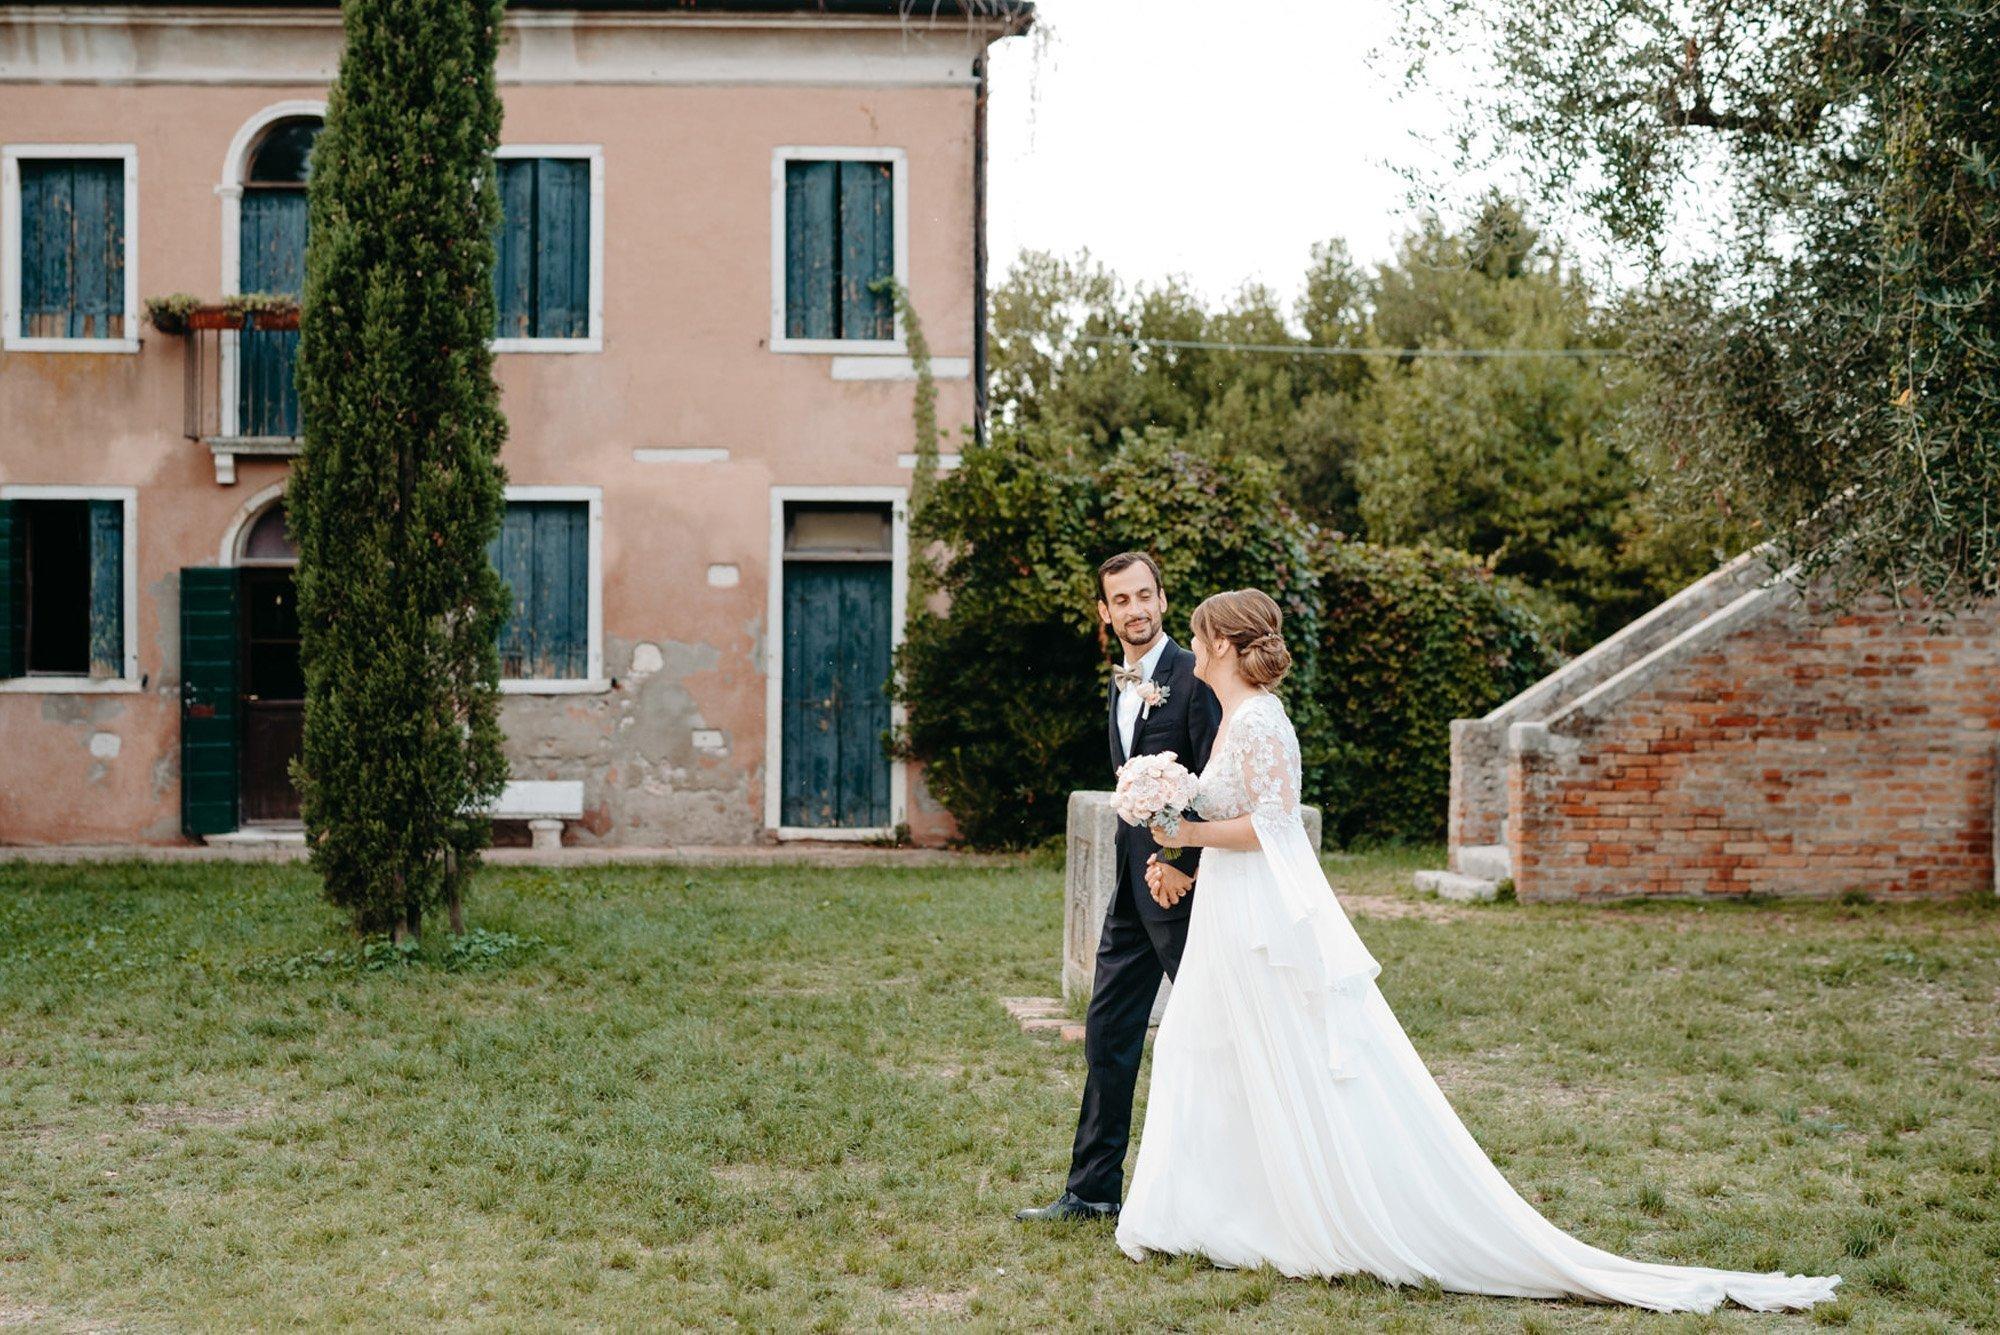 Matrimonio a Torcello, Matrimonio a Venezia